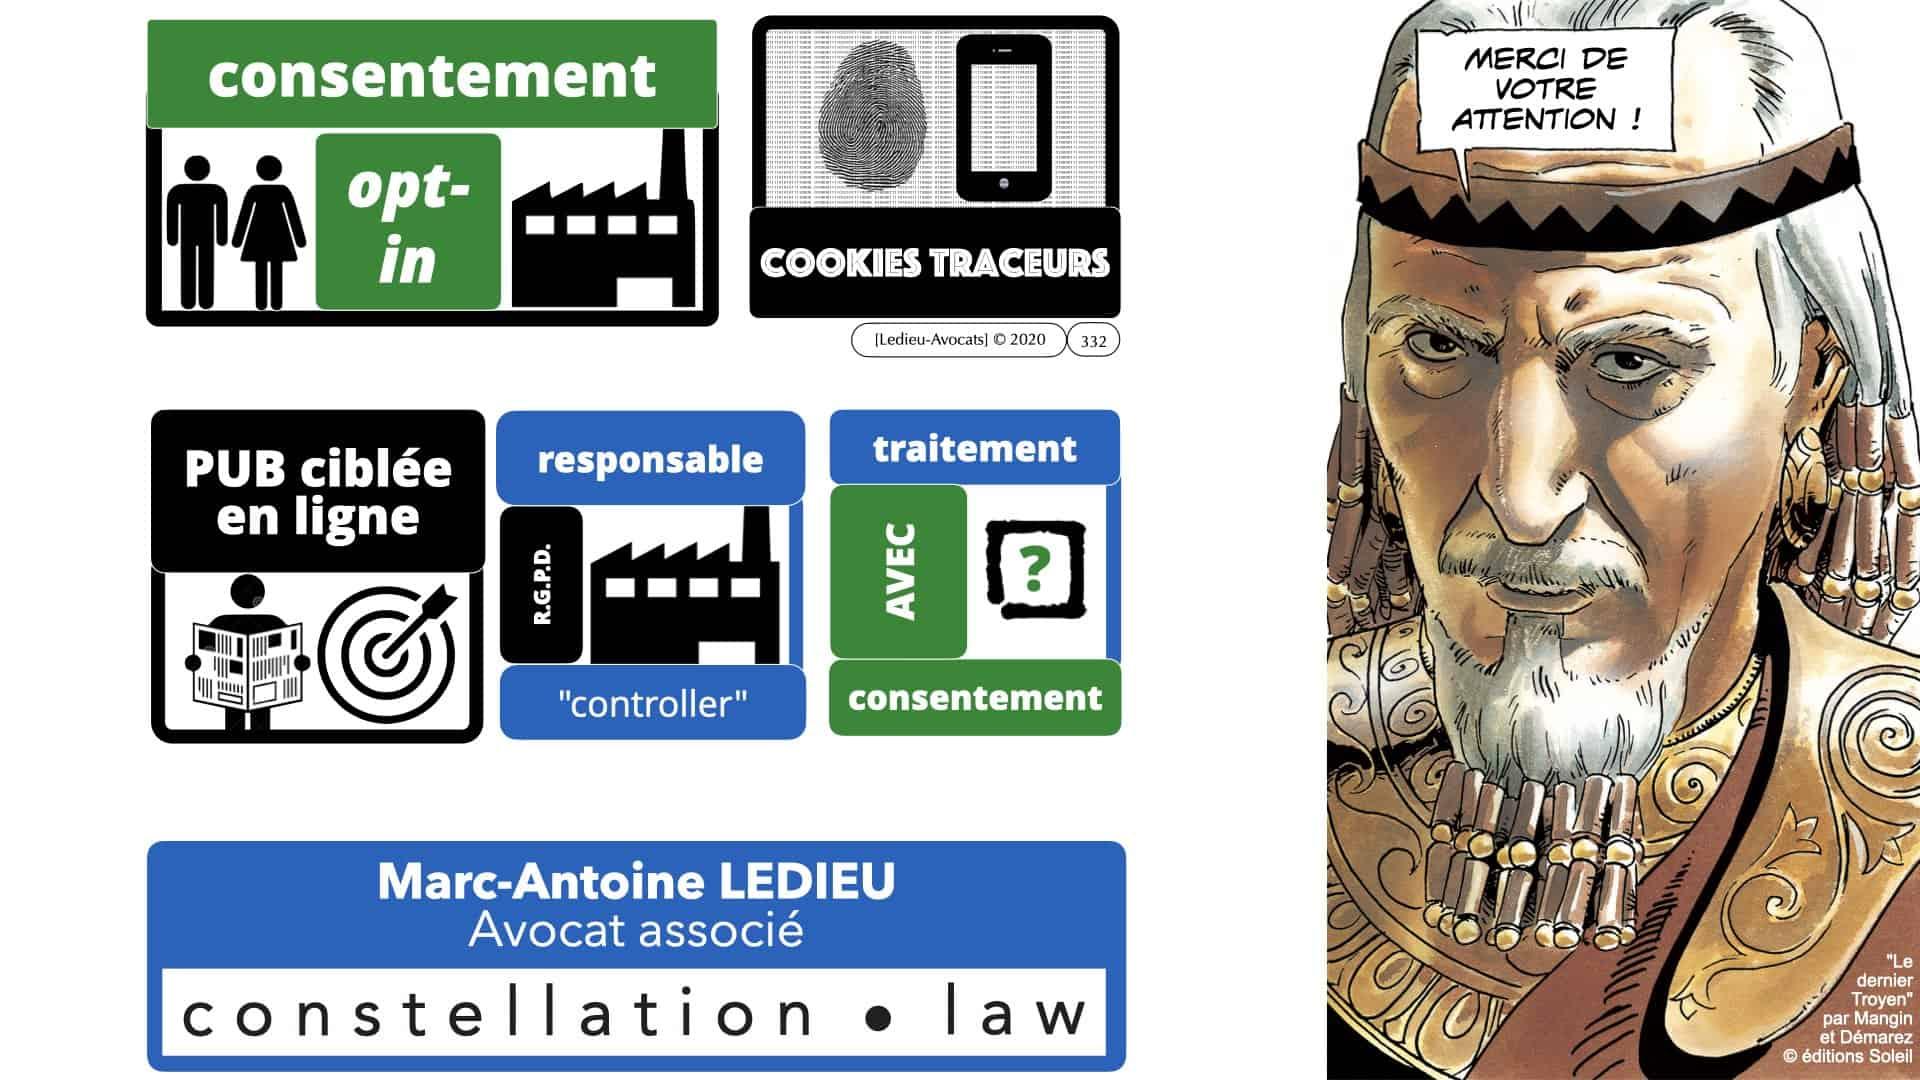 RGPD e-Privacy données personnelles jurisprudence formation Lamy Les Echos 10-02-2021 ©Ledieu-Avocats.332